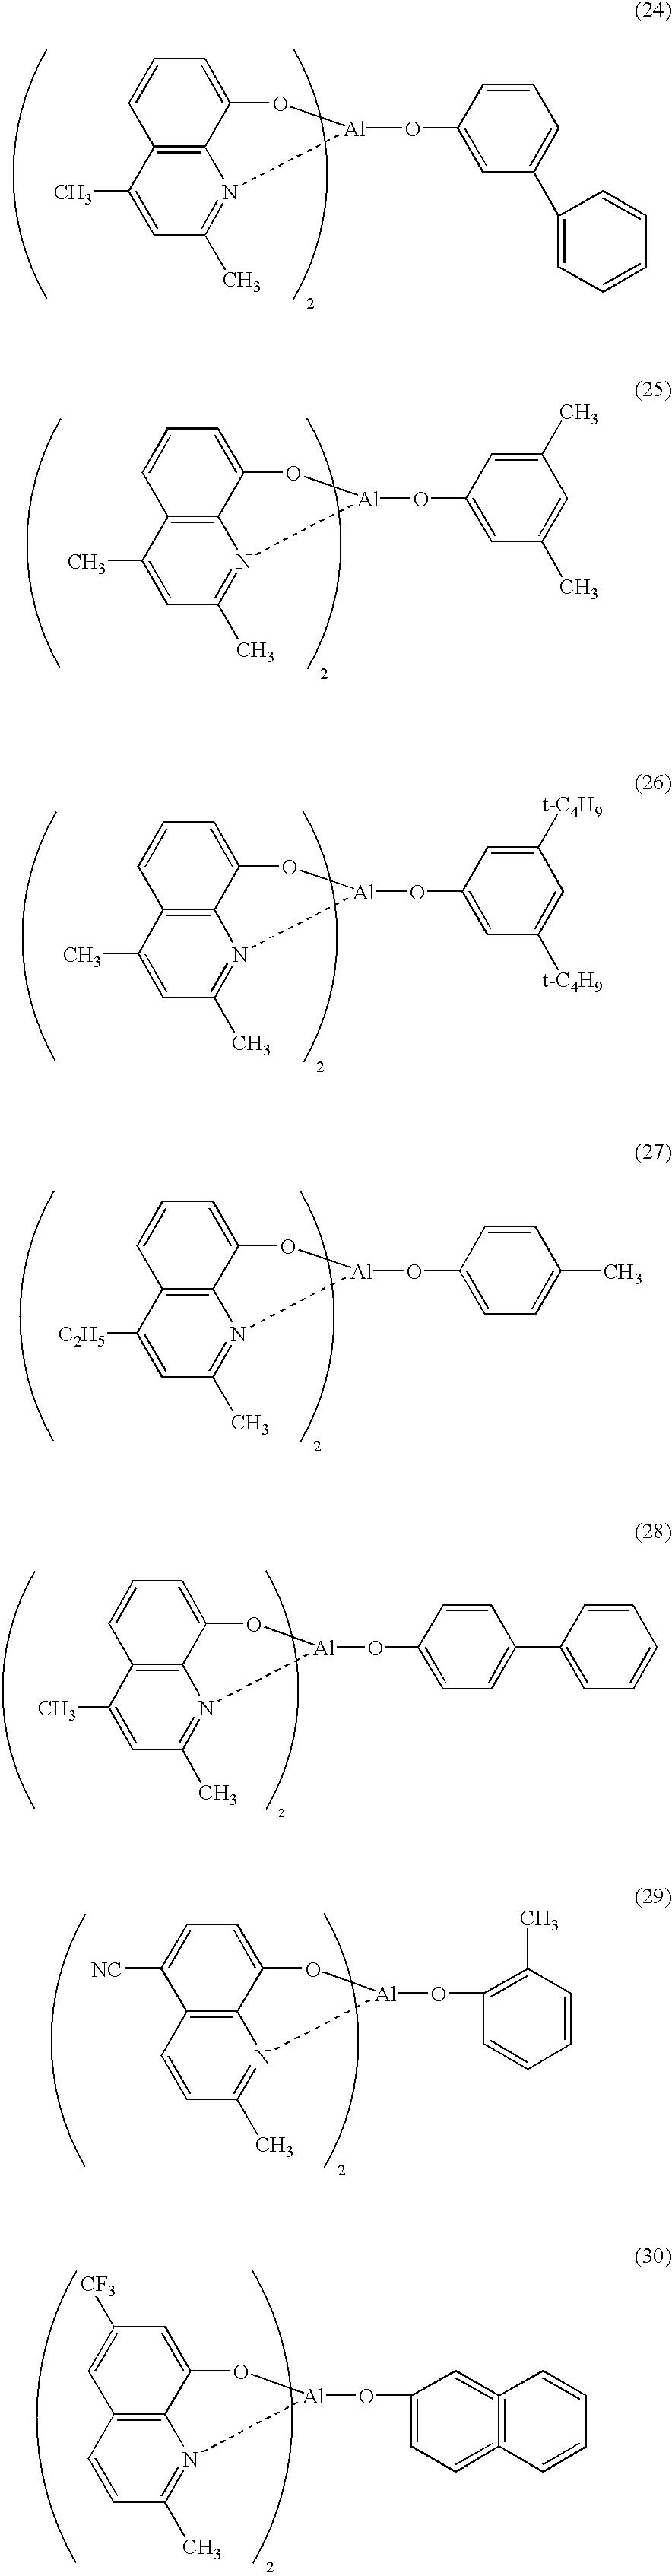 Figure US06602618-20030805-C00009